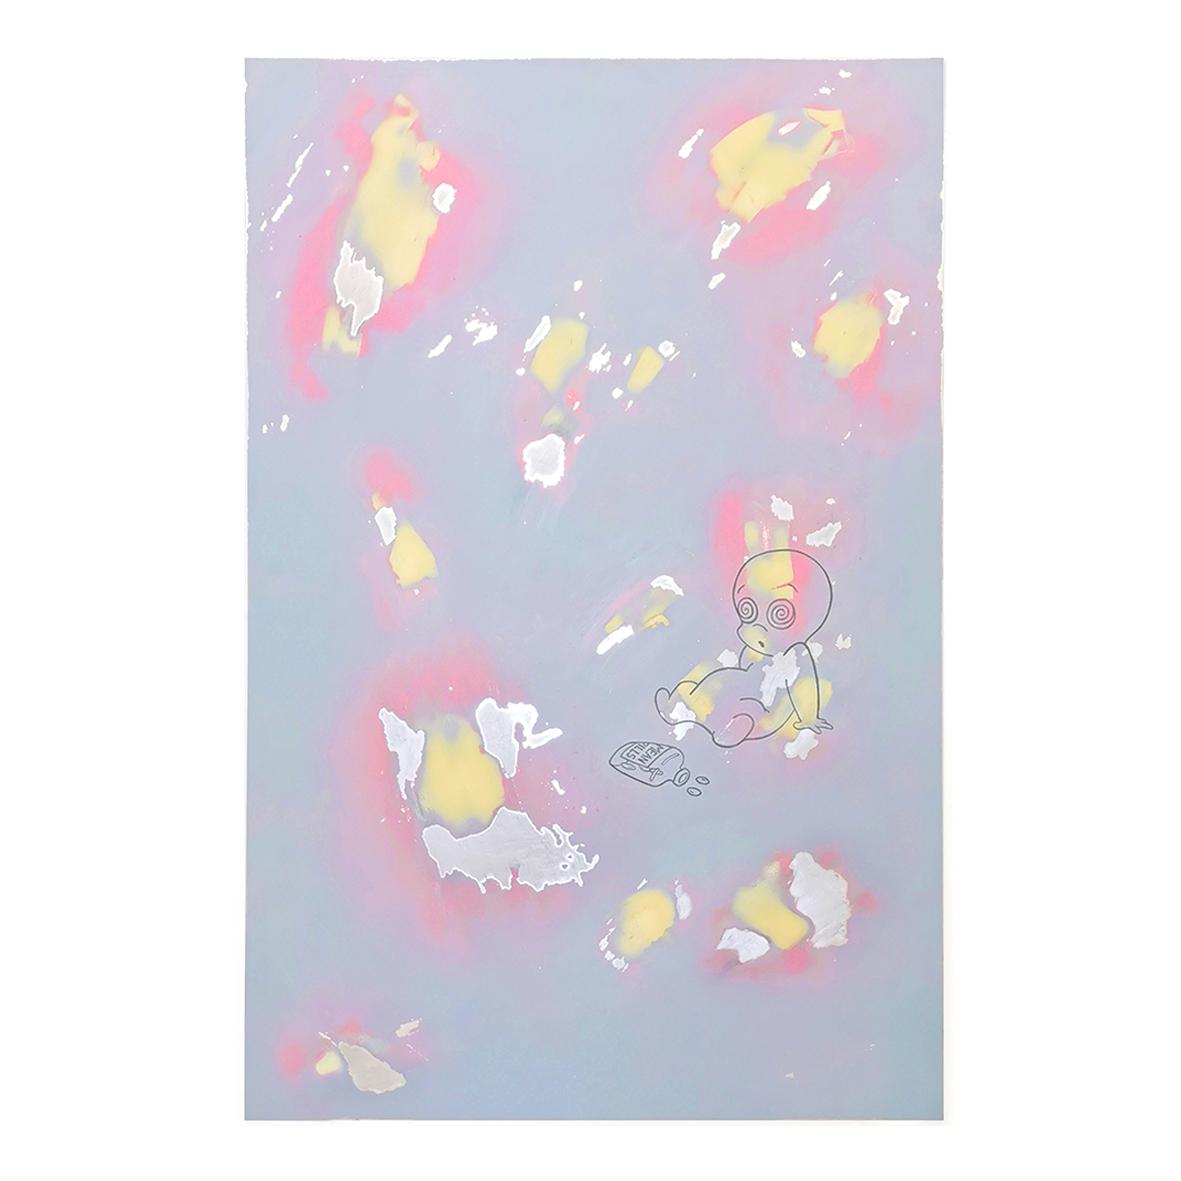 kieran.leach Mean Pills (2020) Spray paint, acrylic and two part filler on aluminium 101 x 66cm